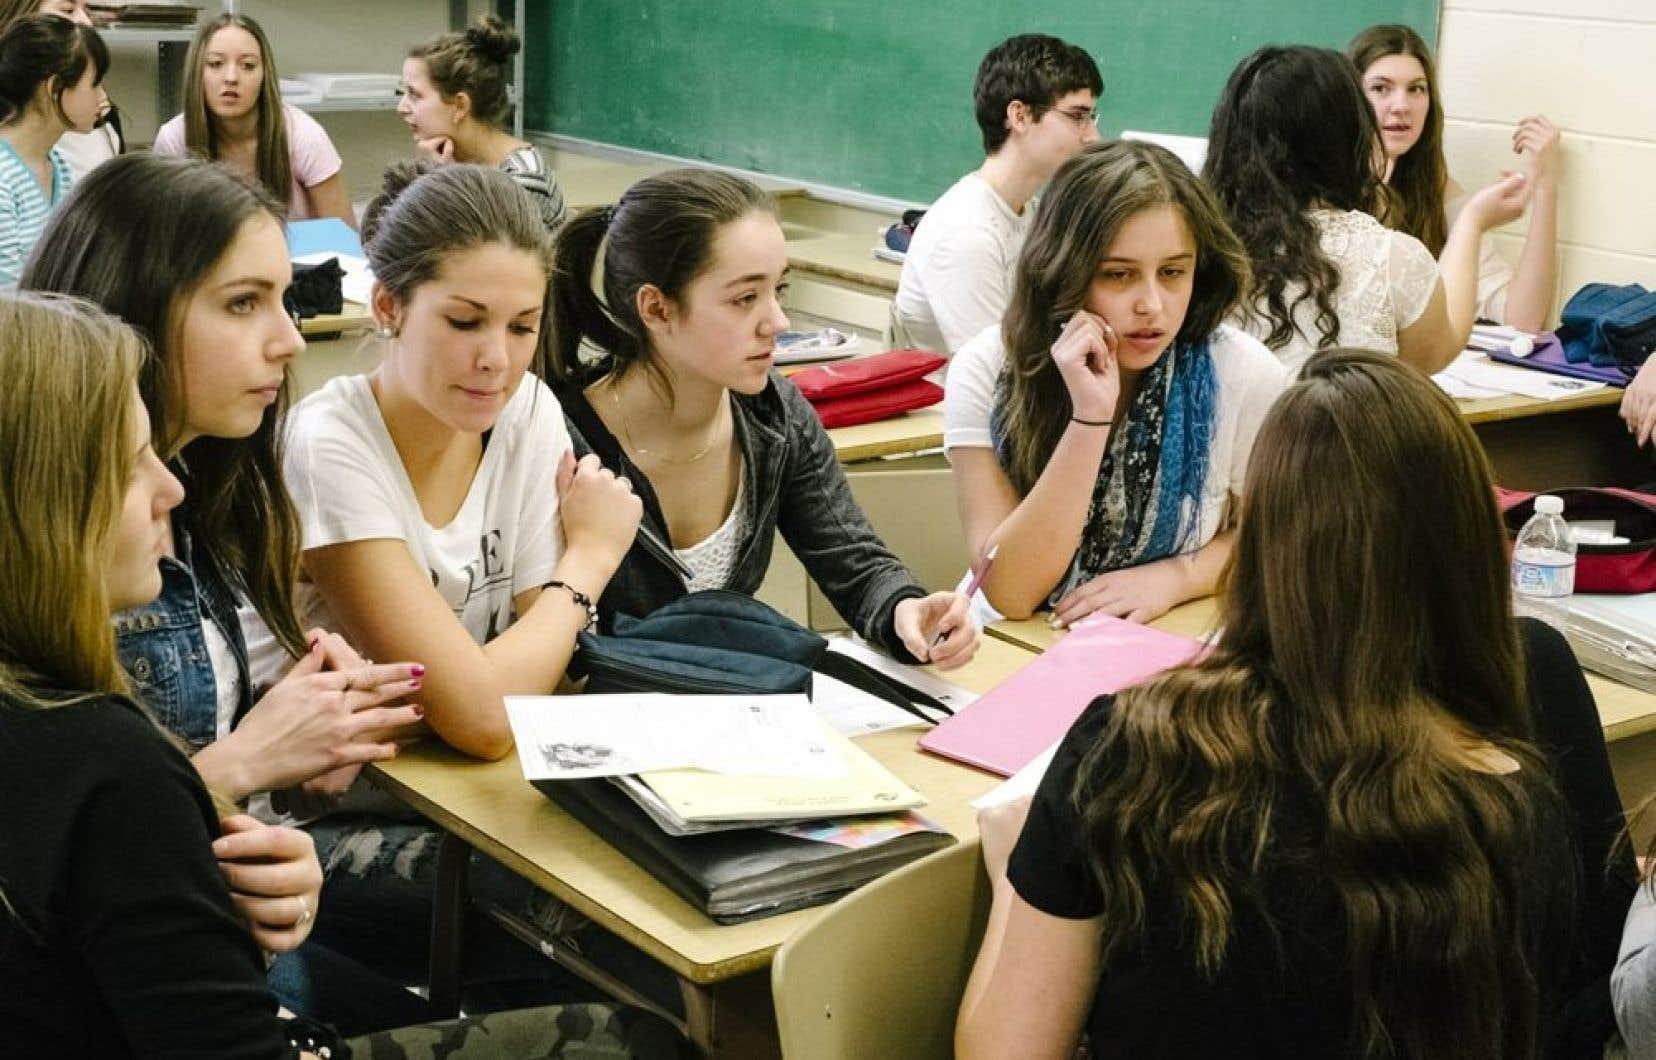 <p>Le nouveau cours qui s&rsquo;appellerait Histoire du Qu&eacute;bec et du Canada propose un retour &agrave; l&rsquo;enseignement chronologique sur deux ans (3e&nbsp;et 4e&nbsp;secondaires).</p>  <p>&nbsp;</p>